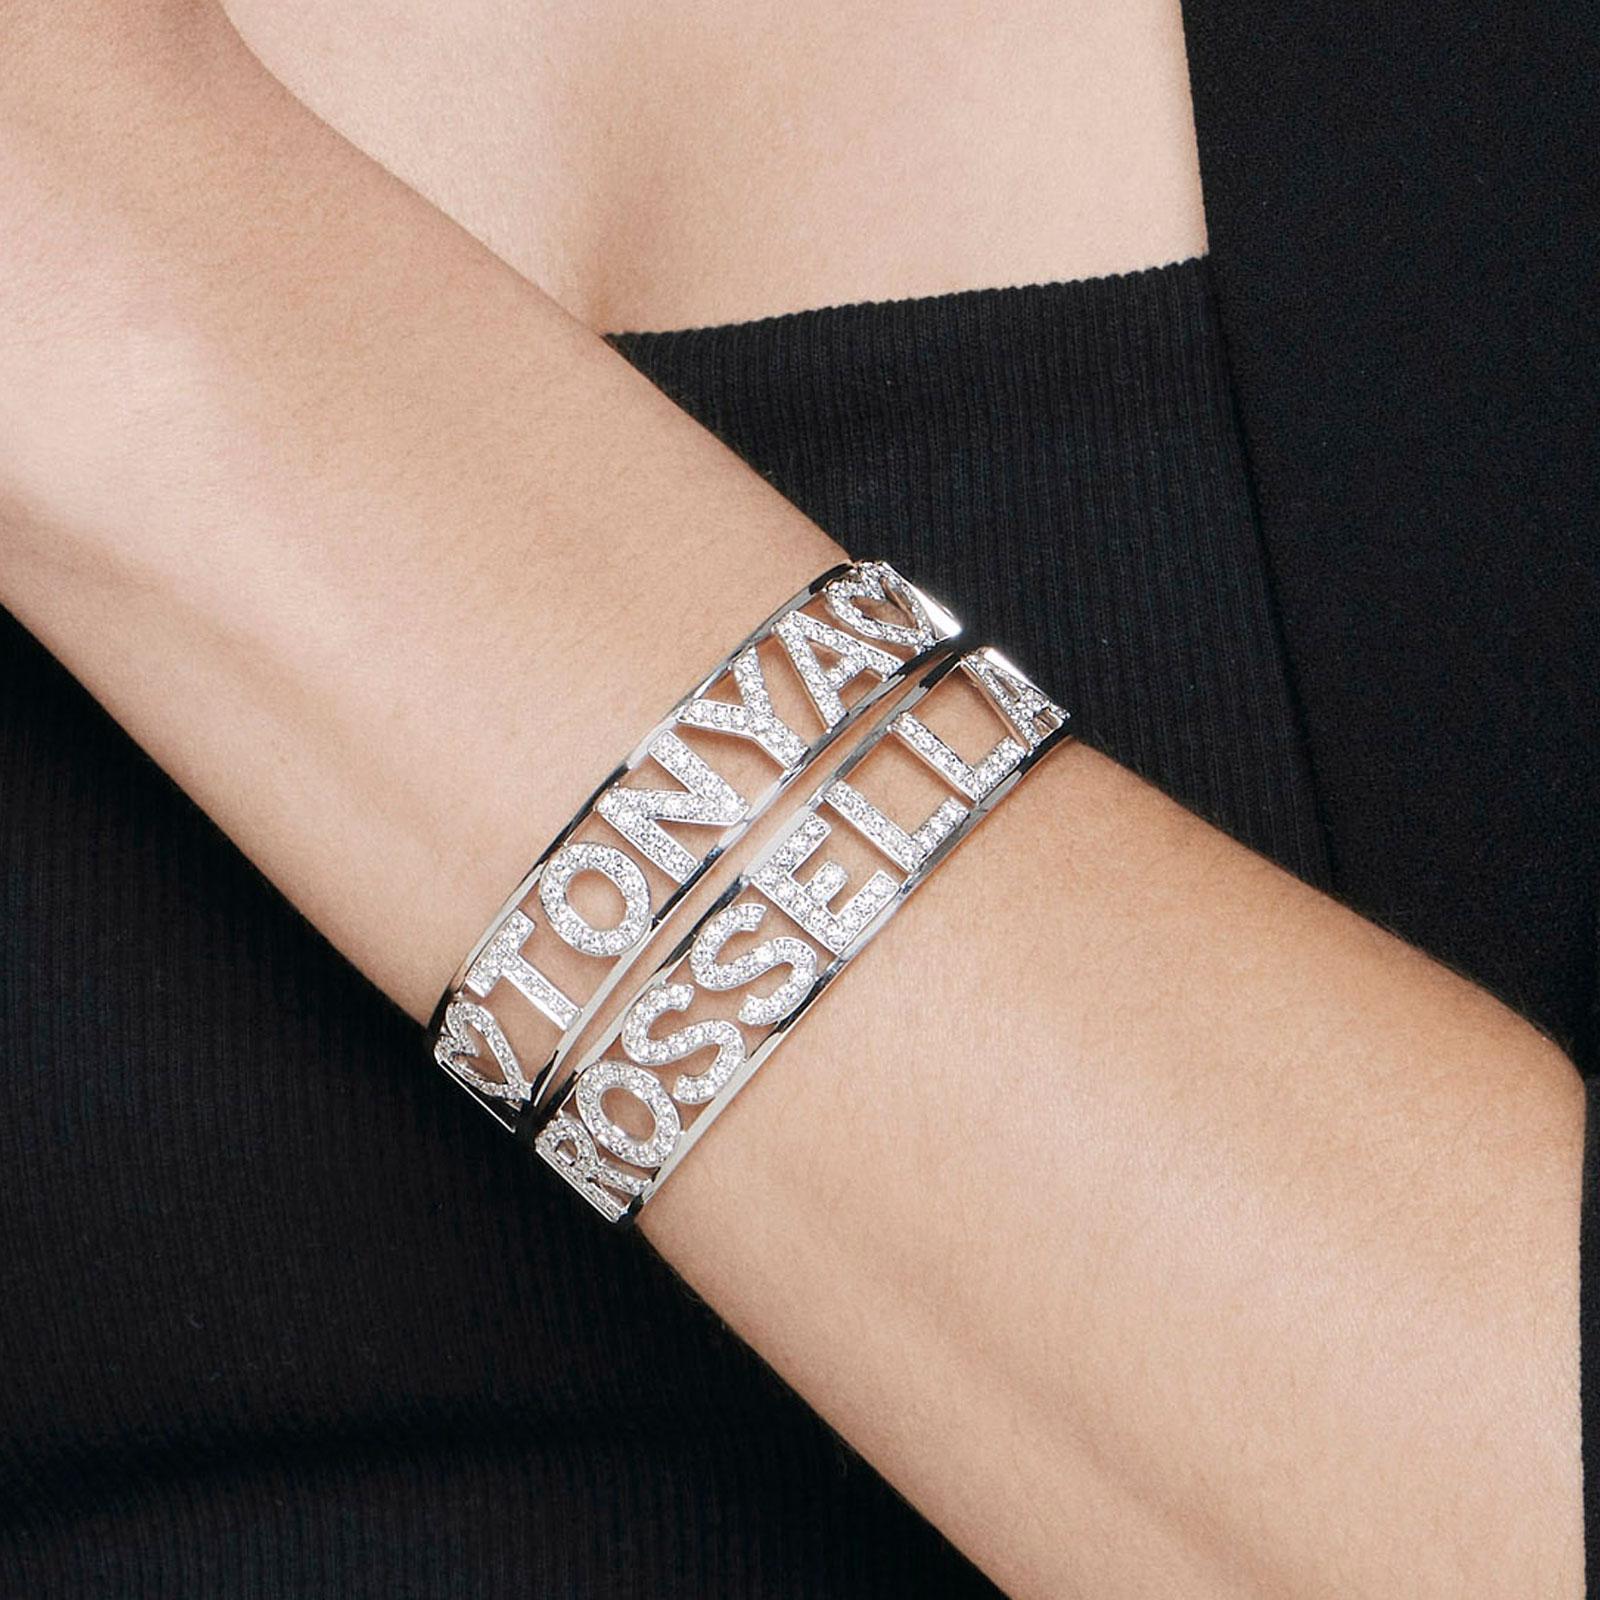 Rosanna Cattolico - Bracciale manetta personalizzato portebonheur in oro bianco e diamanti